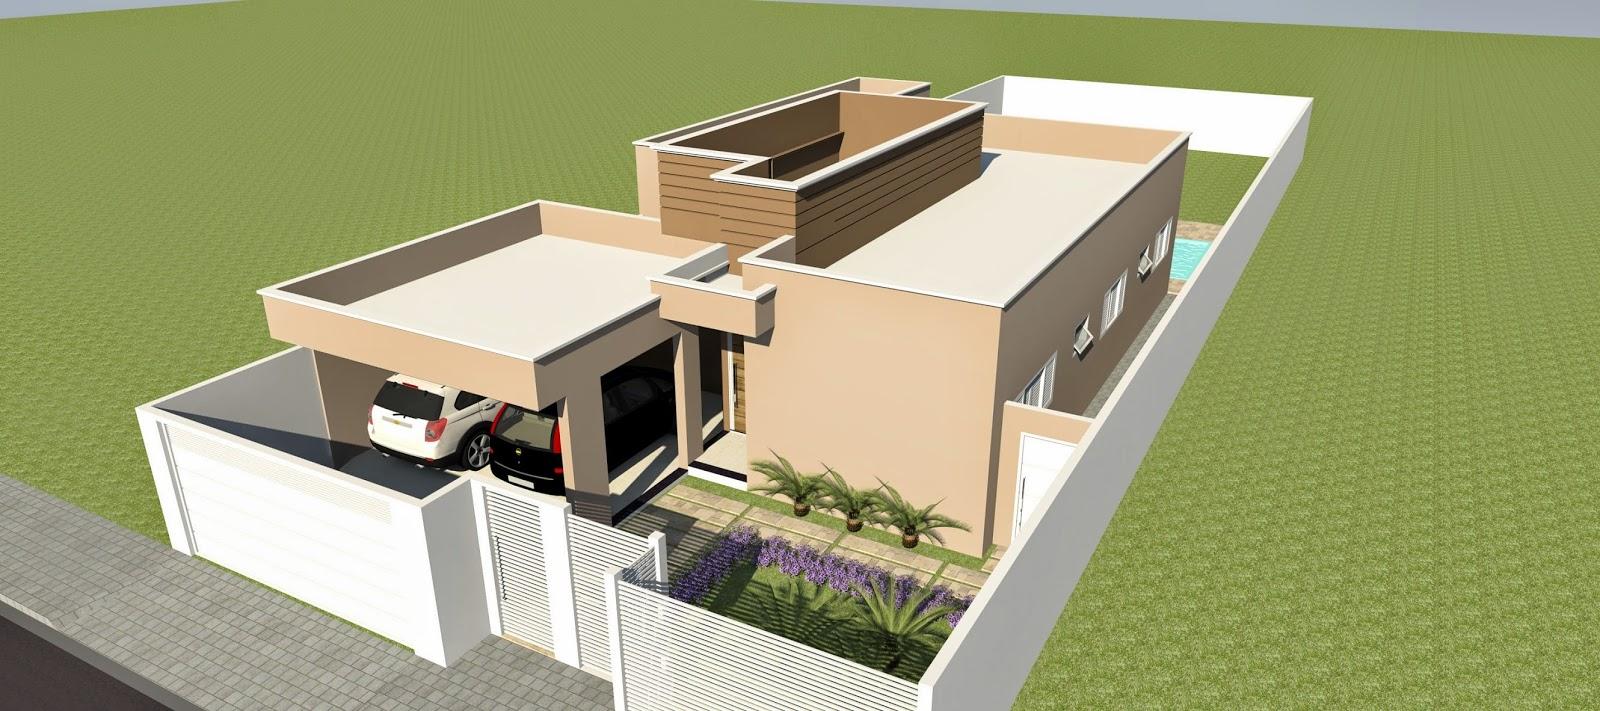 Fachada moderna com platibandas for Fachadas de casas modernas trackid sp 006